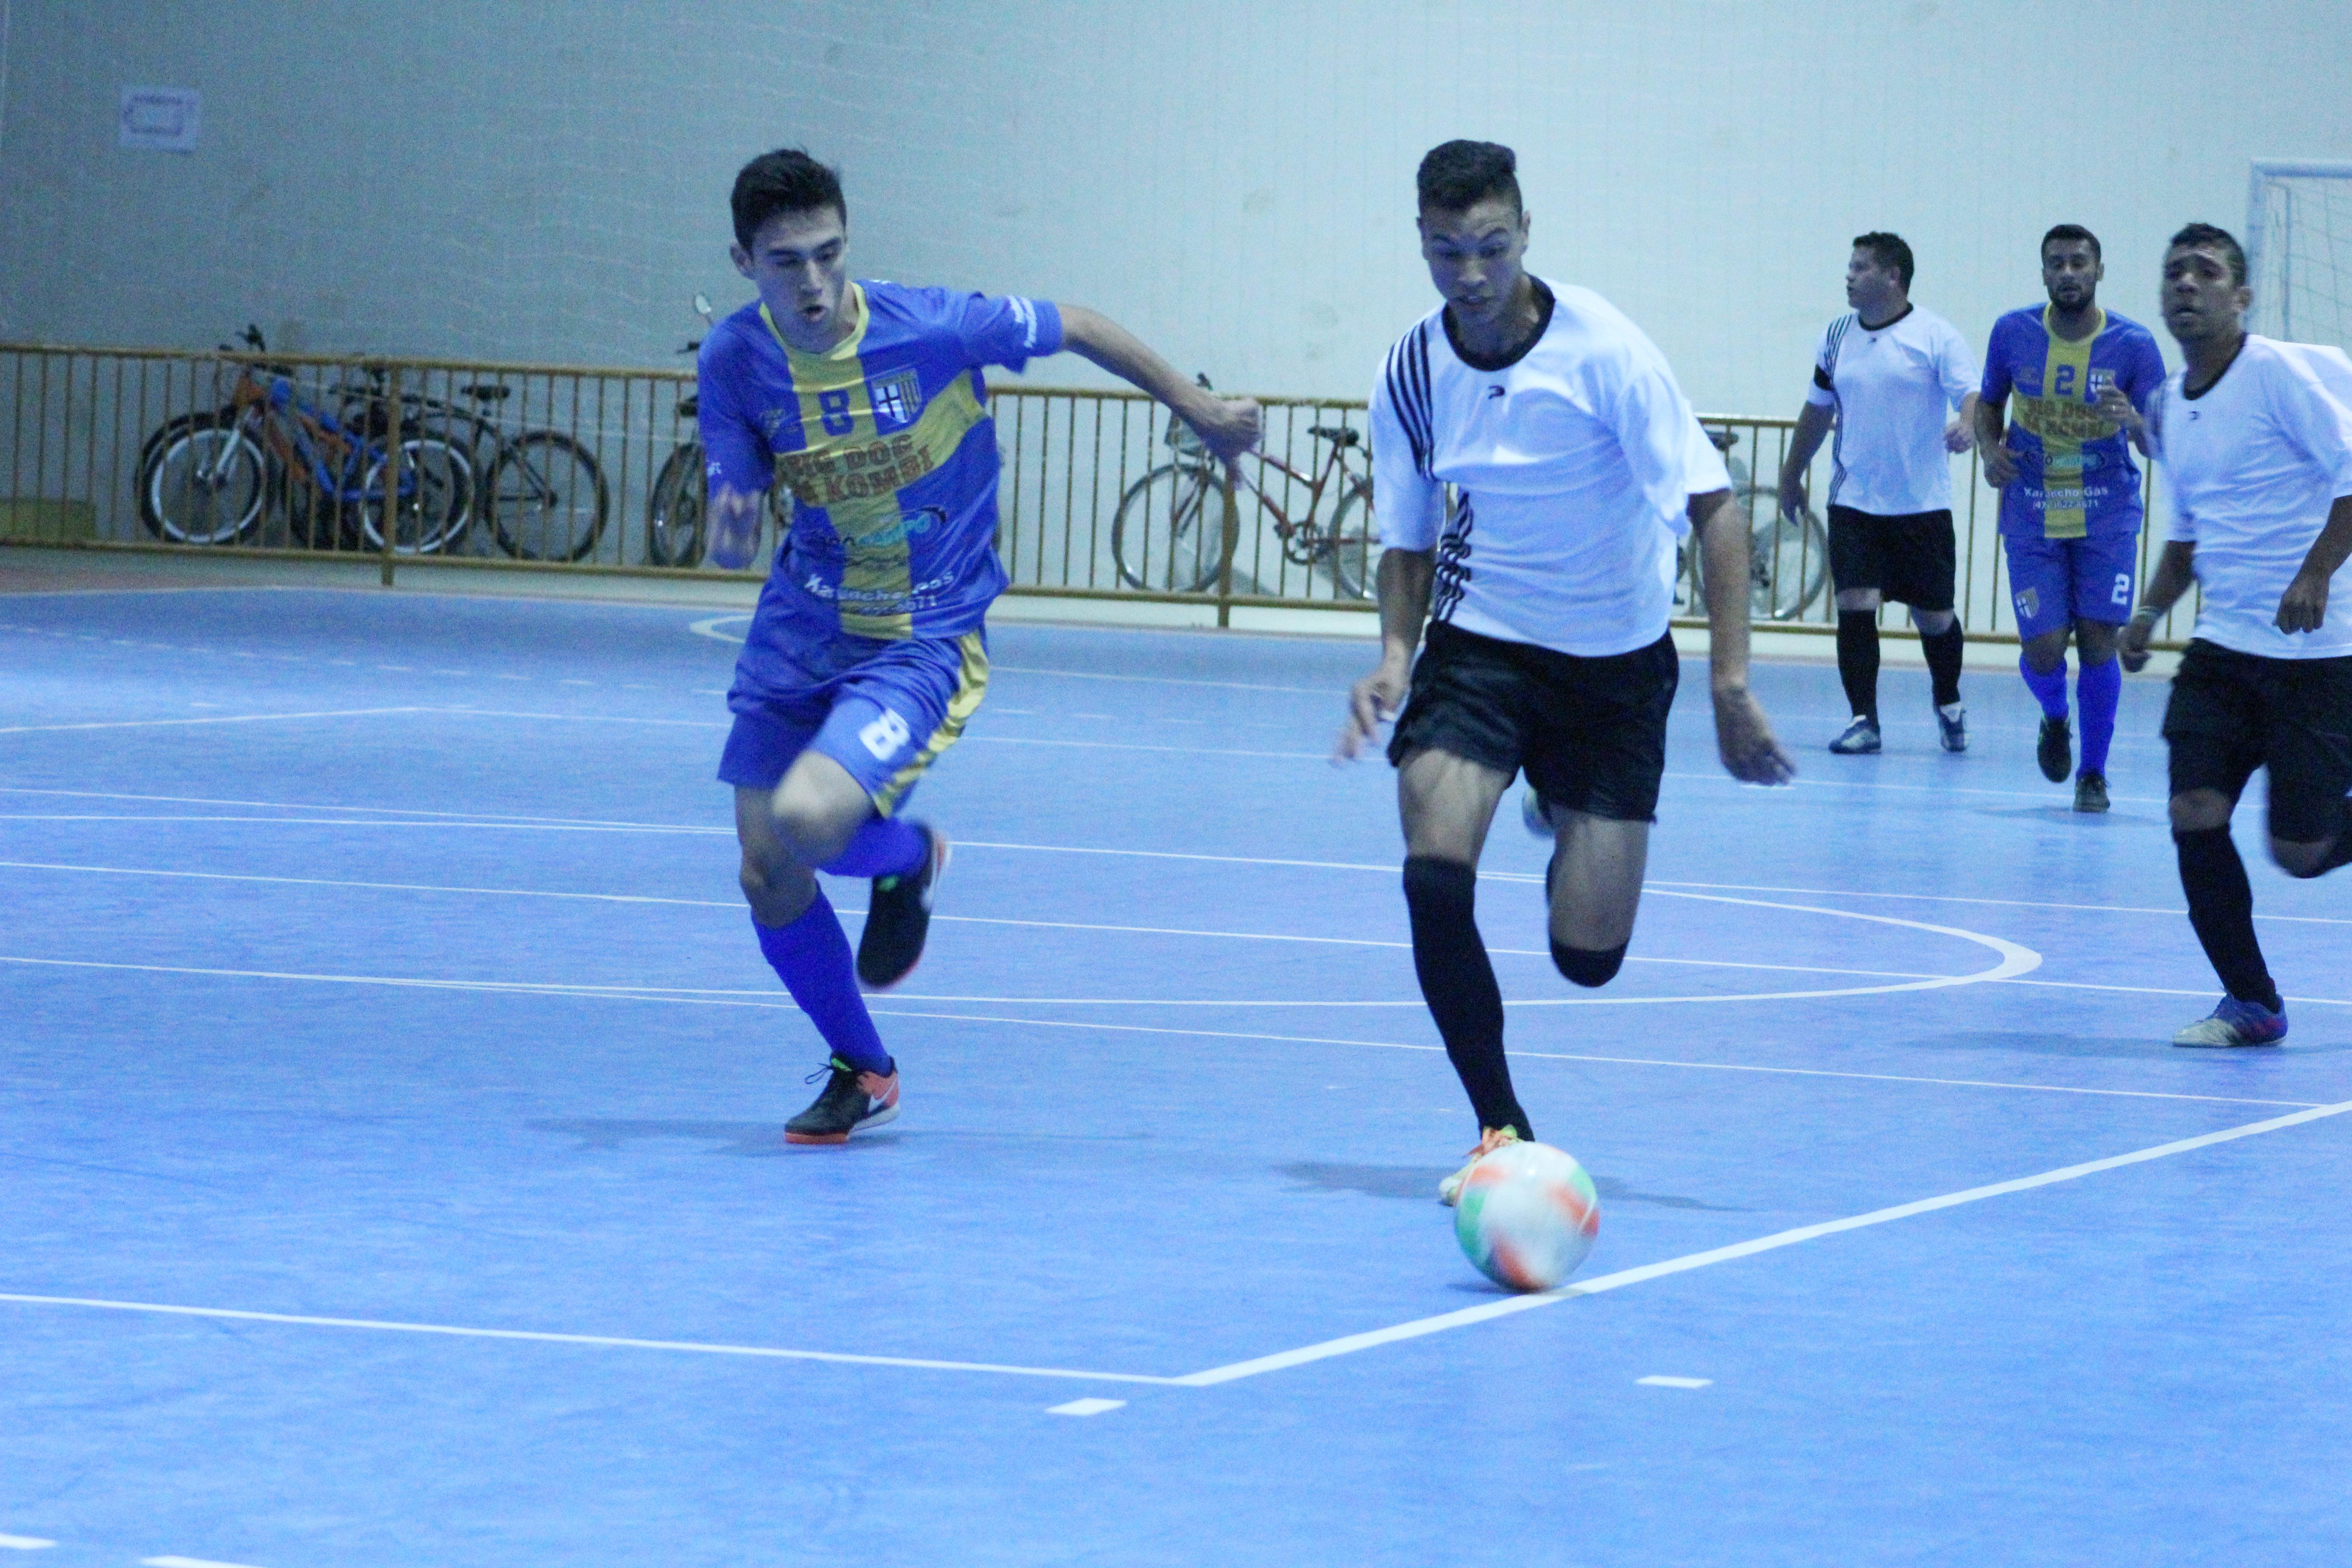 996d7d8f9f69d Final do Municipal de Futsal acontece nesta quarta-feira - Futsal - Vvale